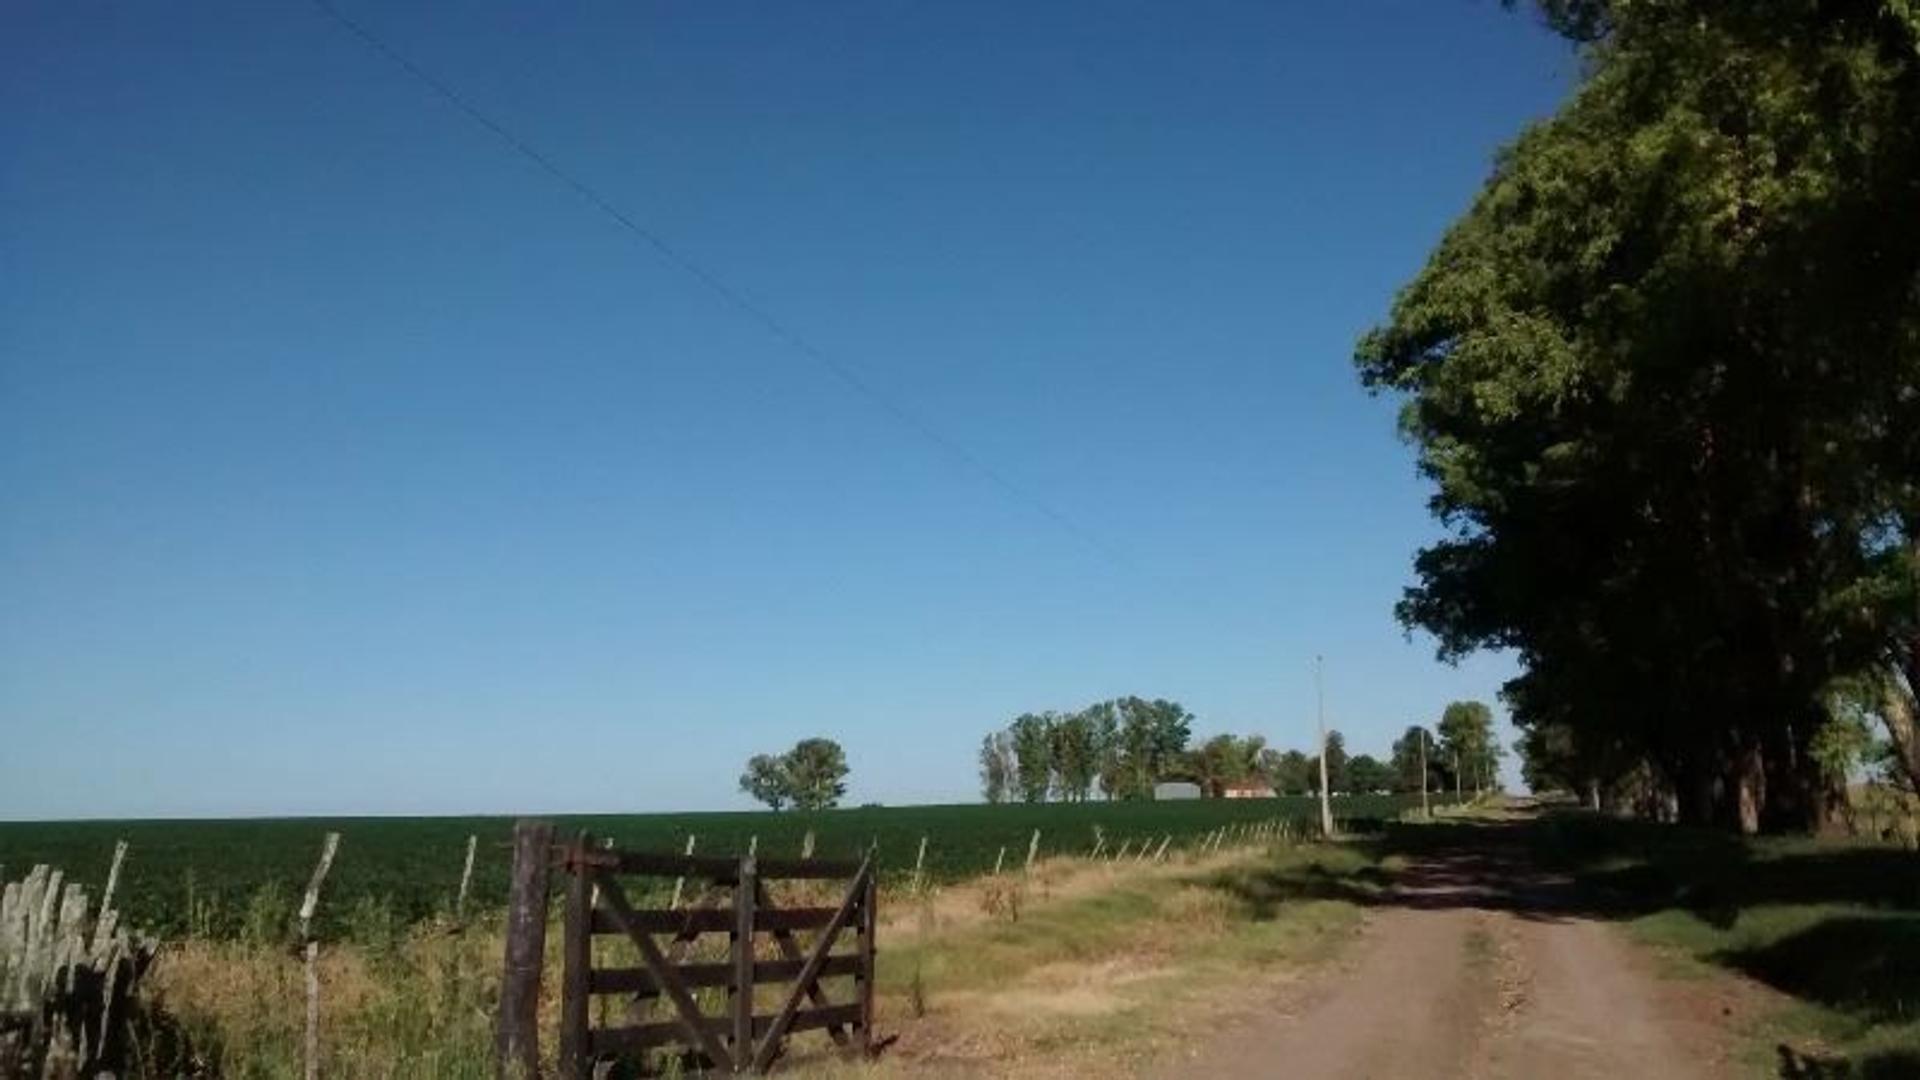 290 has Excelente campo agrícola ganadero